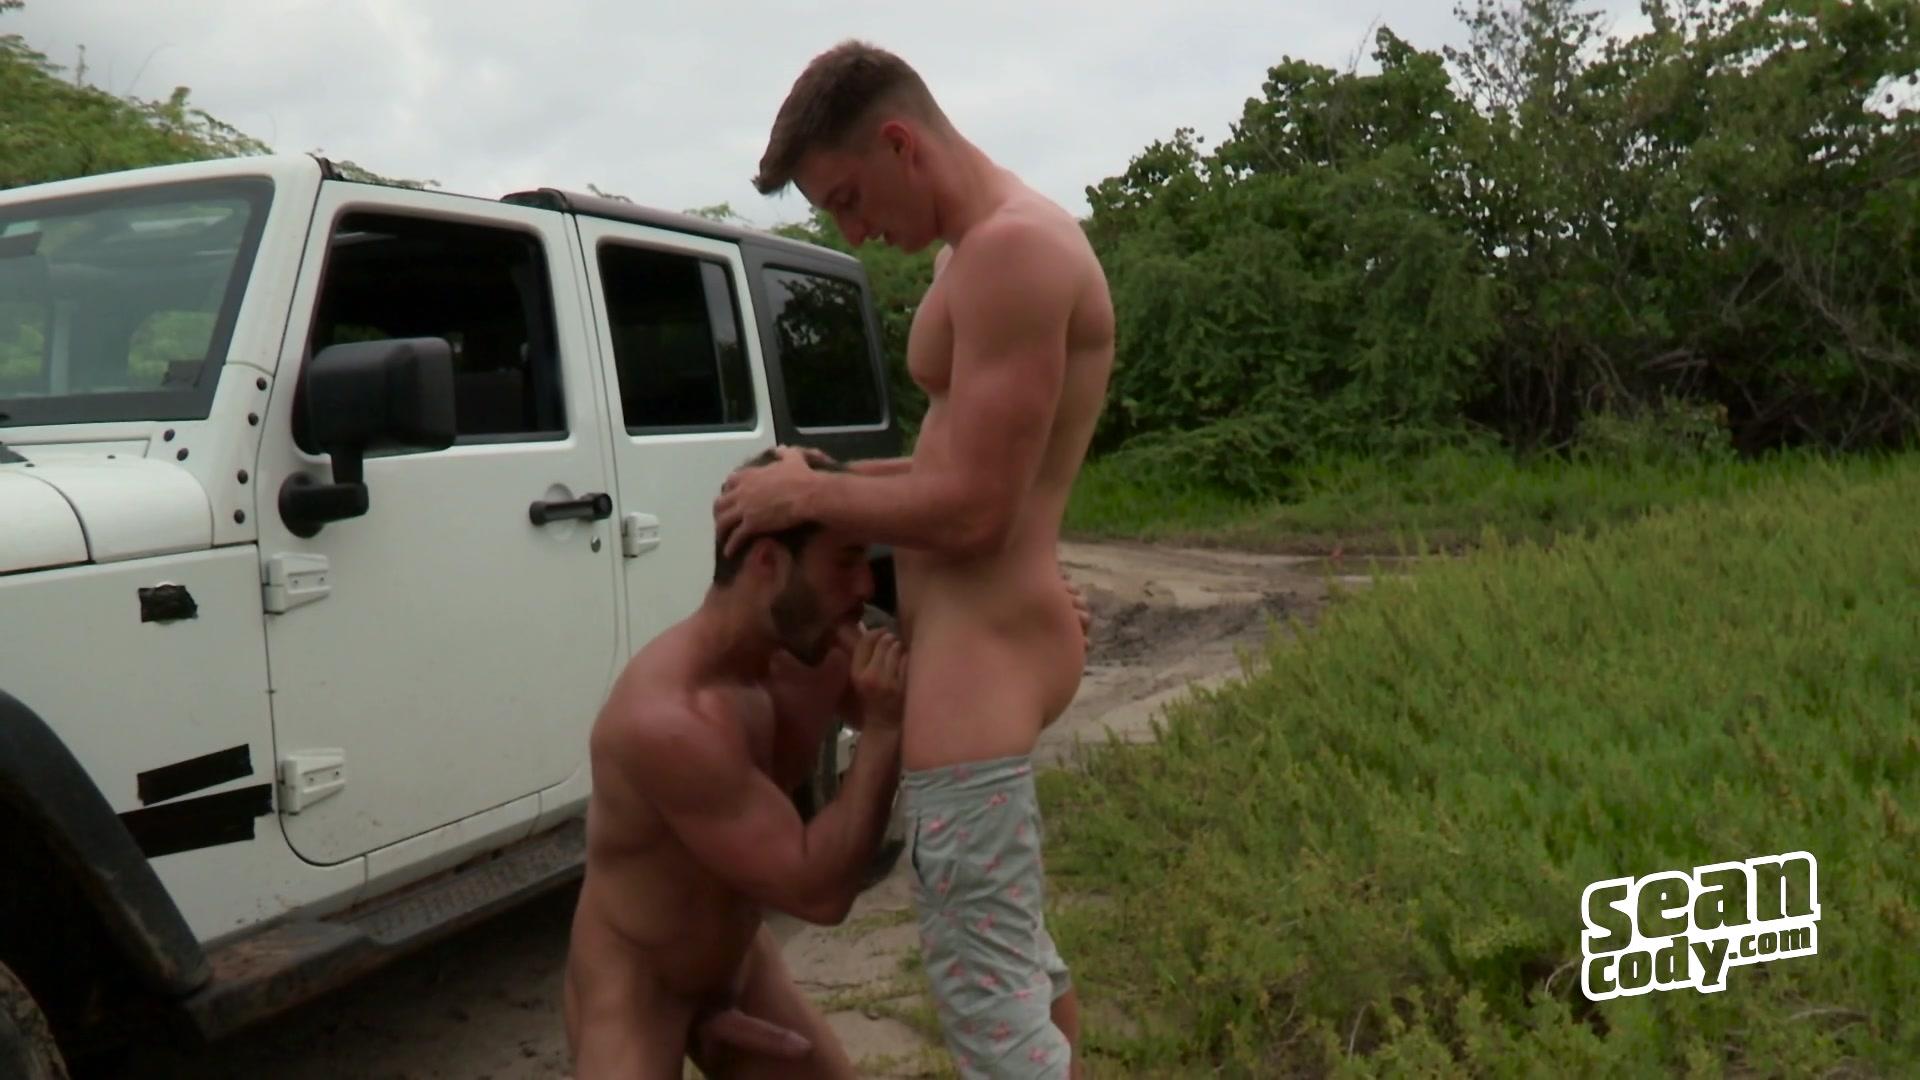 from Korbin puerto rican gay videos